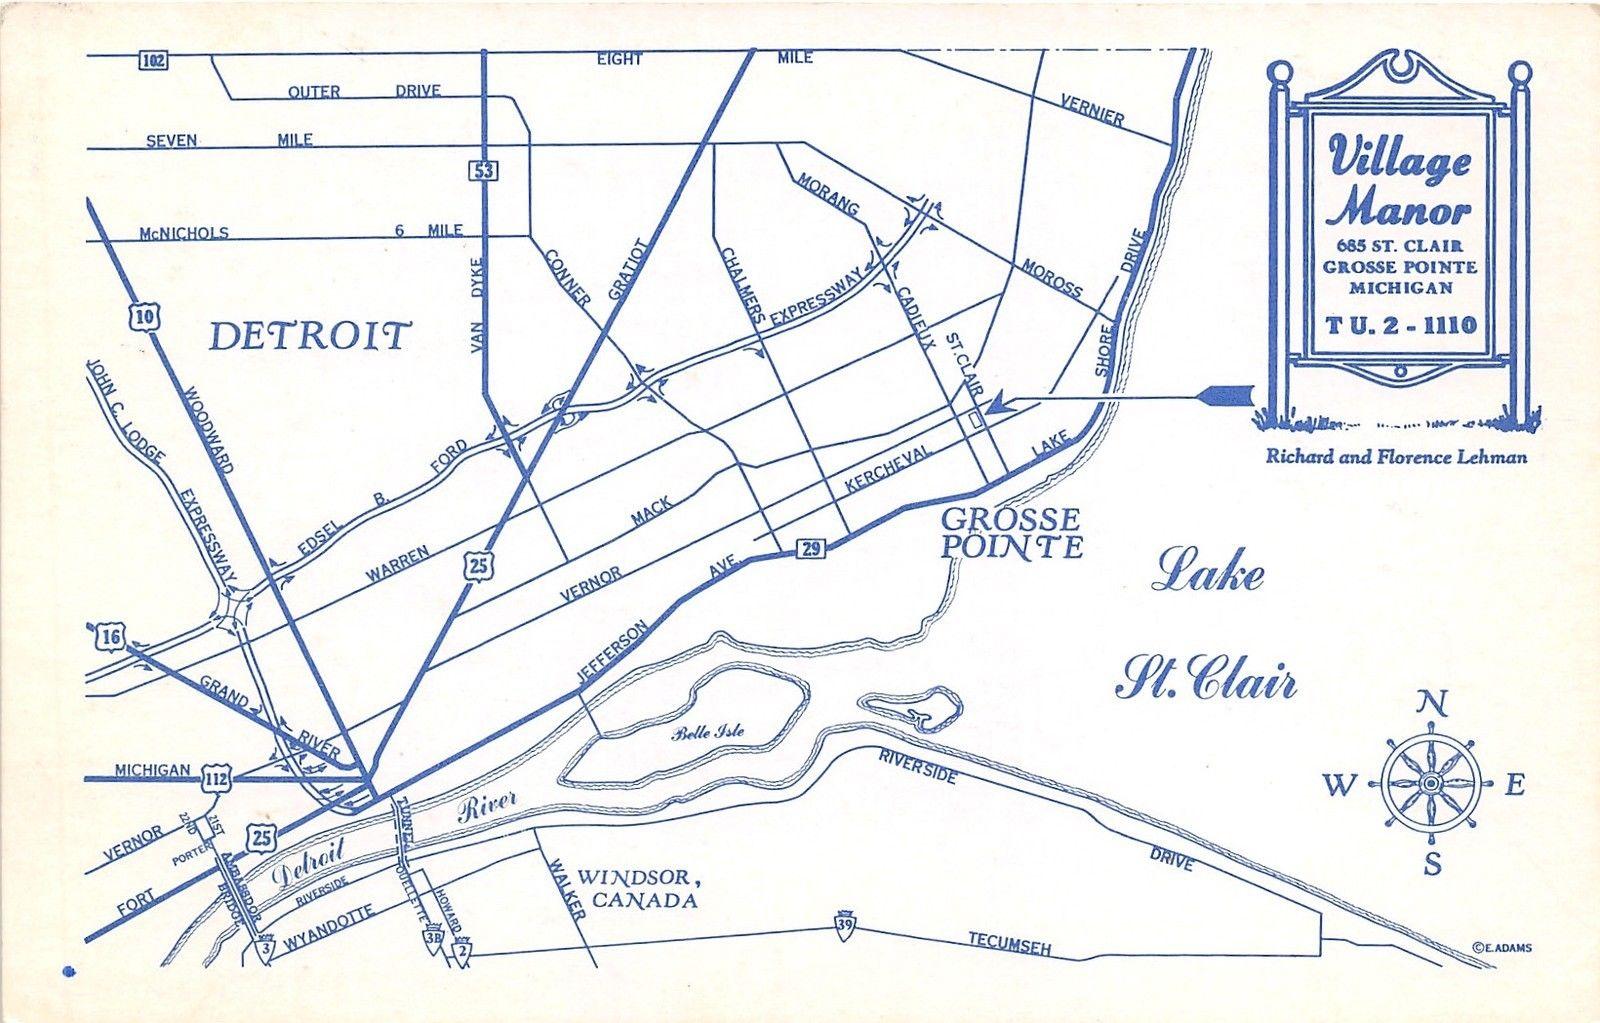 Grosse Point Michigan Map.Detroit Grosse Pointe Mi Village Manor 4 Views Restaurant Food Shop